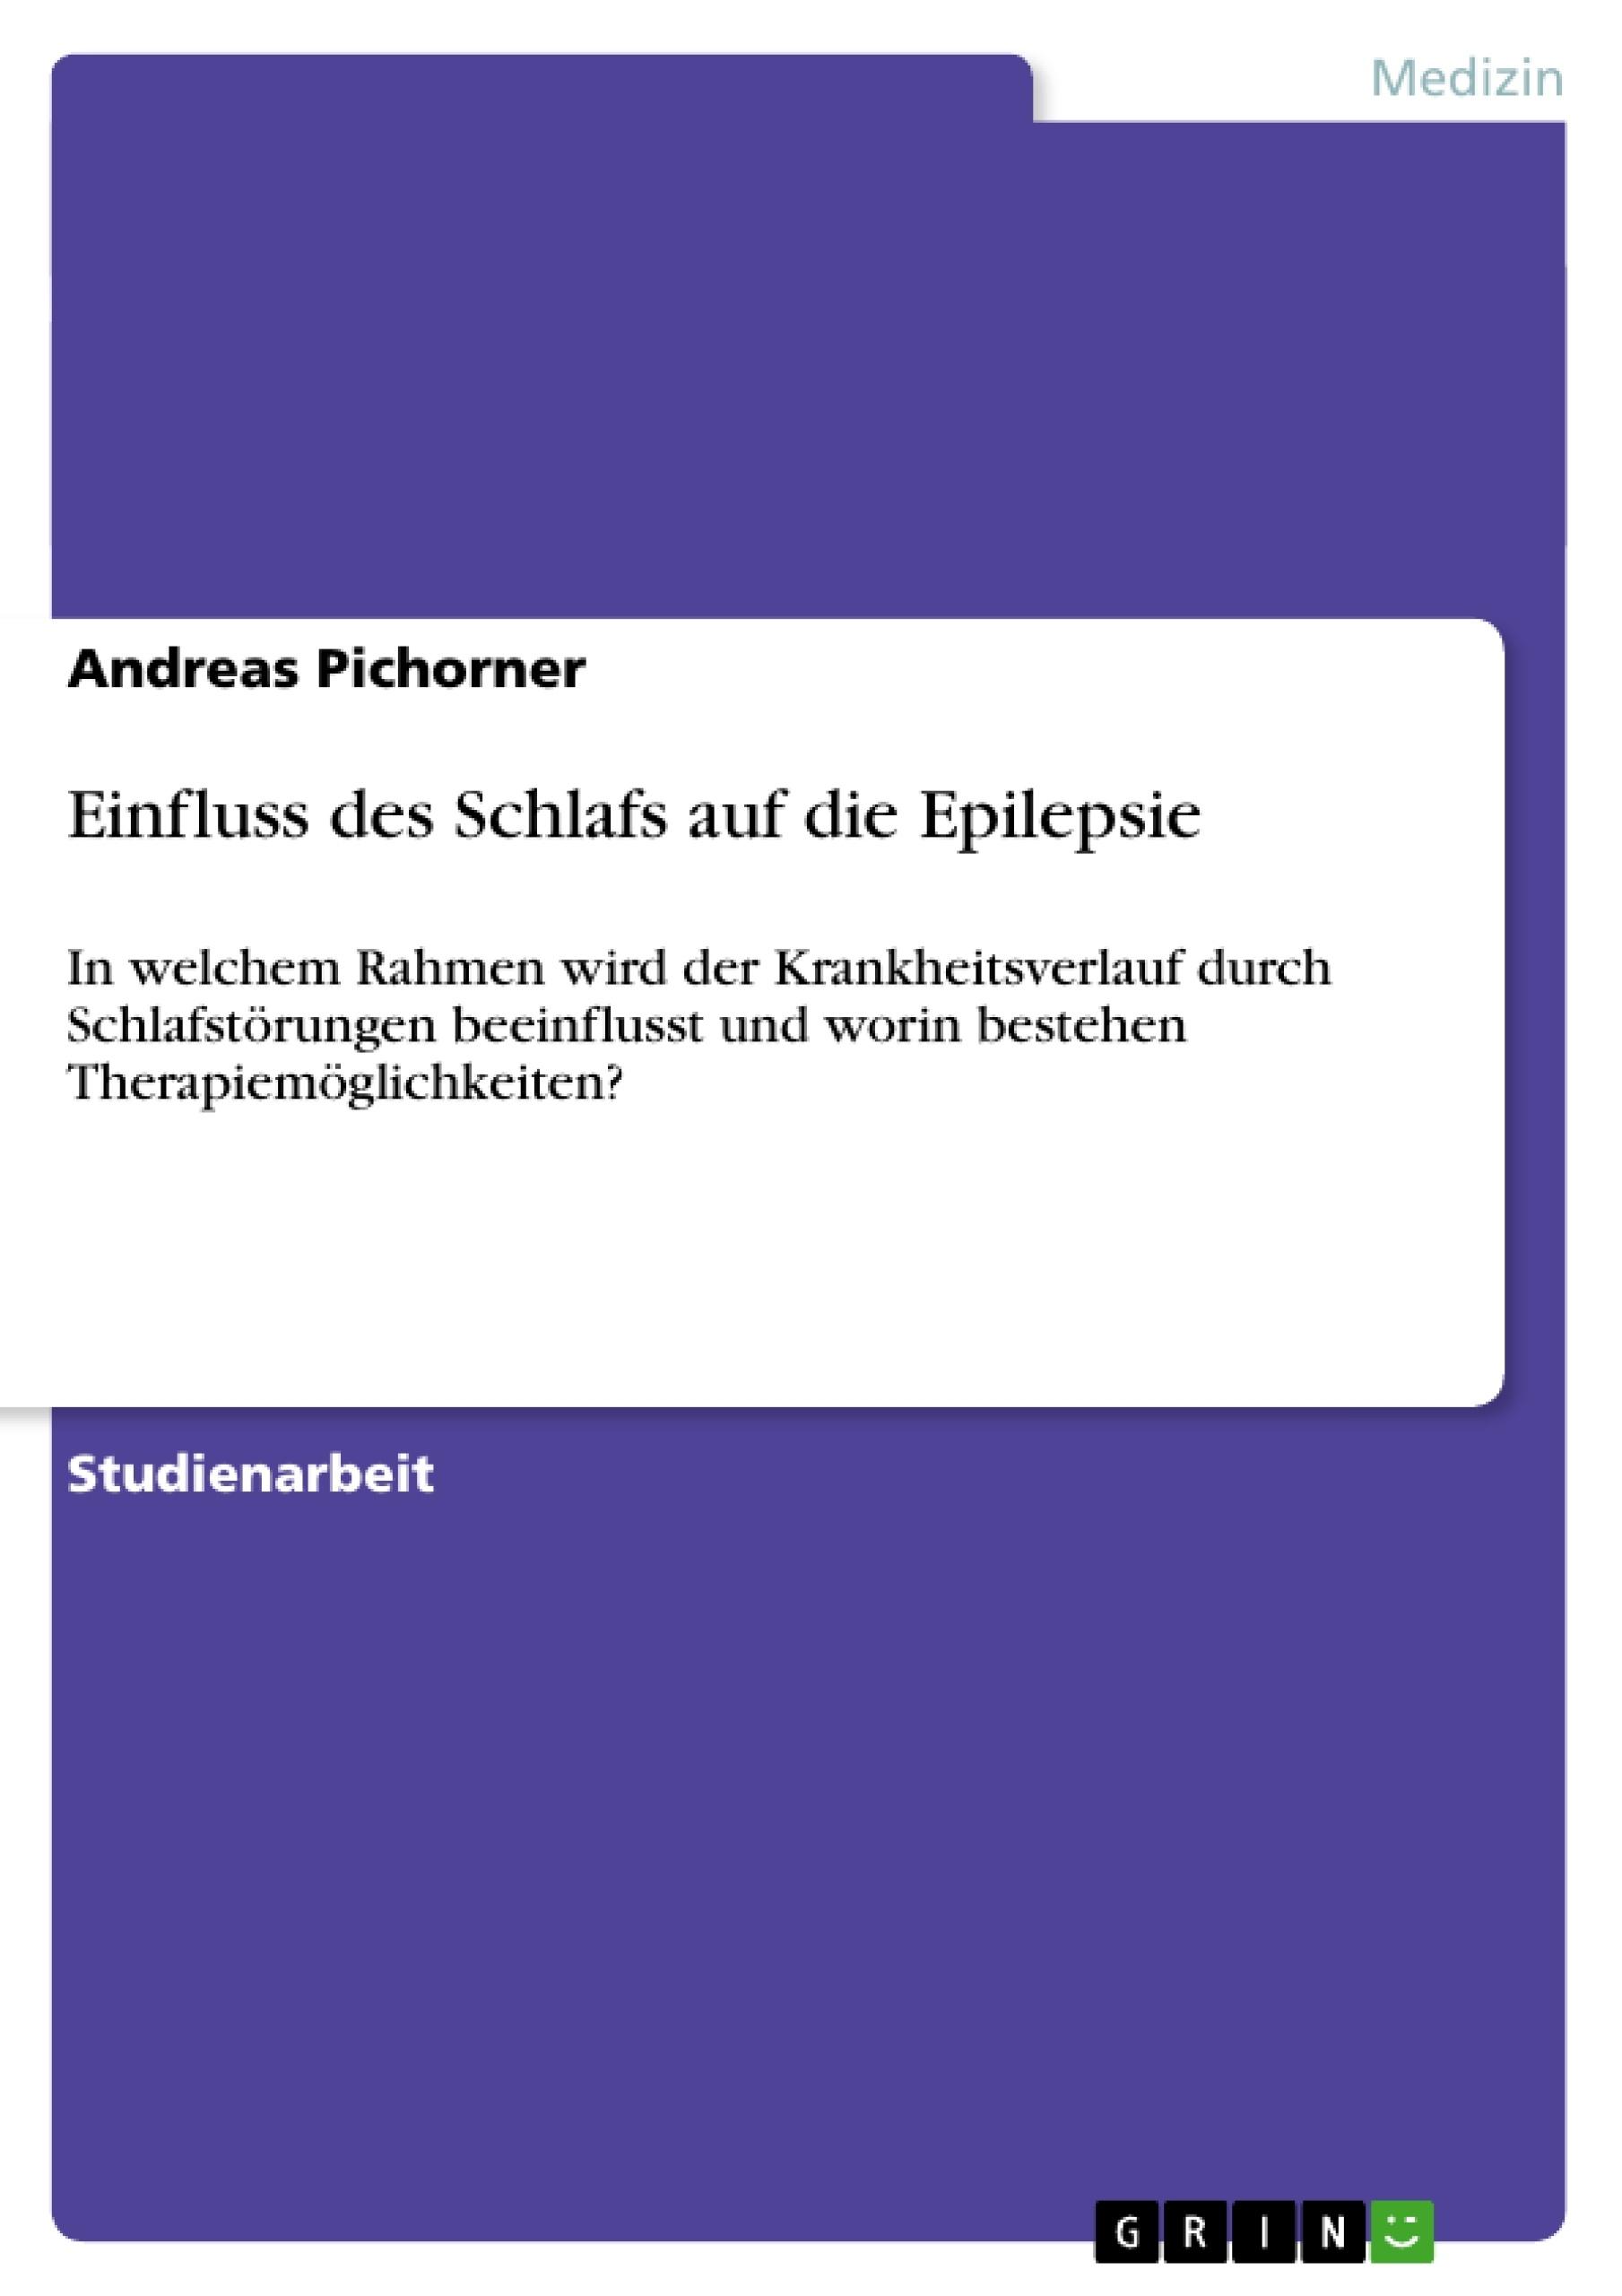 Einfluss des Schlafs auf die Epilepsie | Masterarbeit, Hausarbeit ...